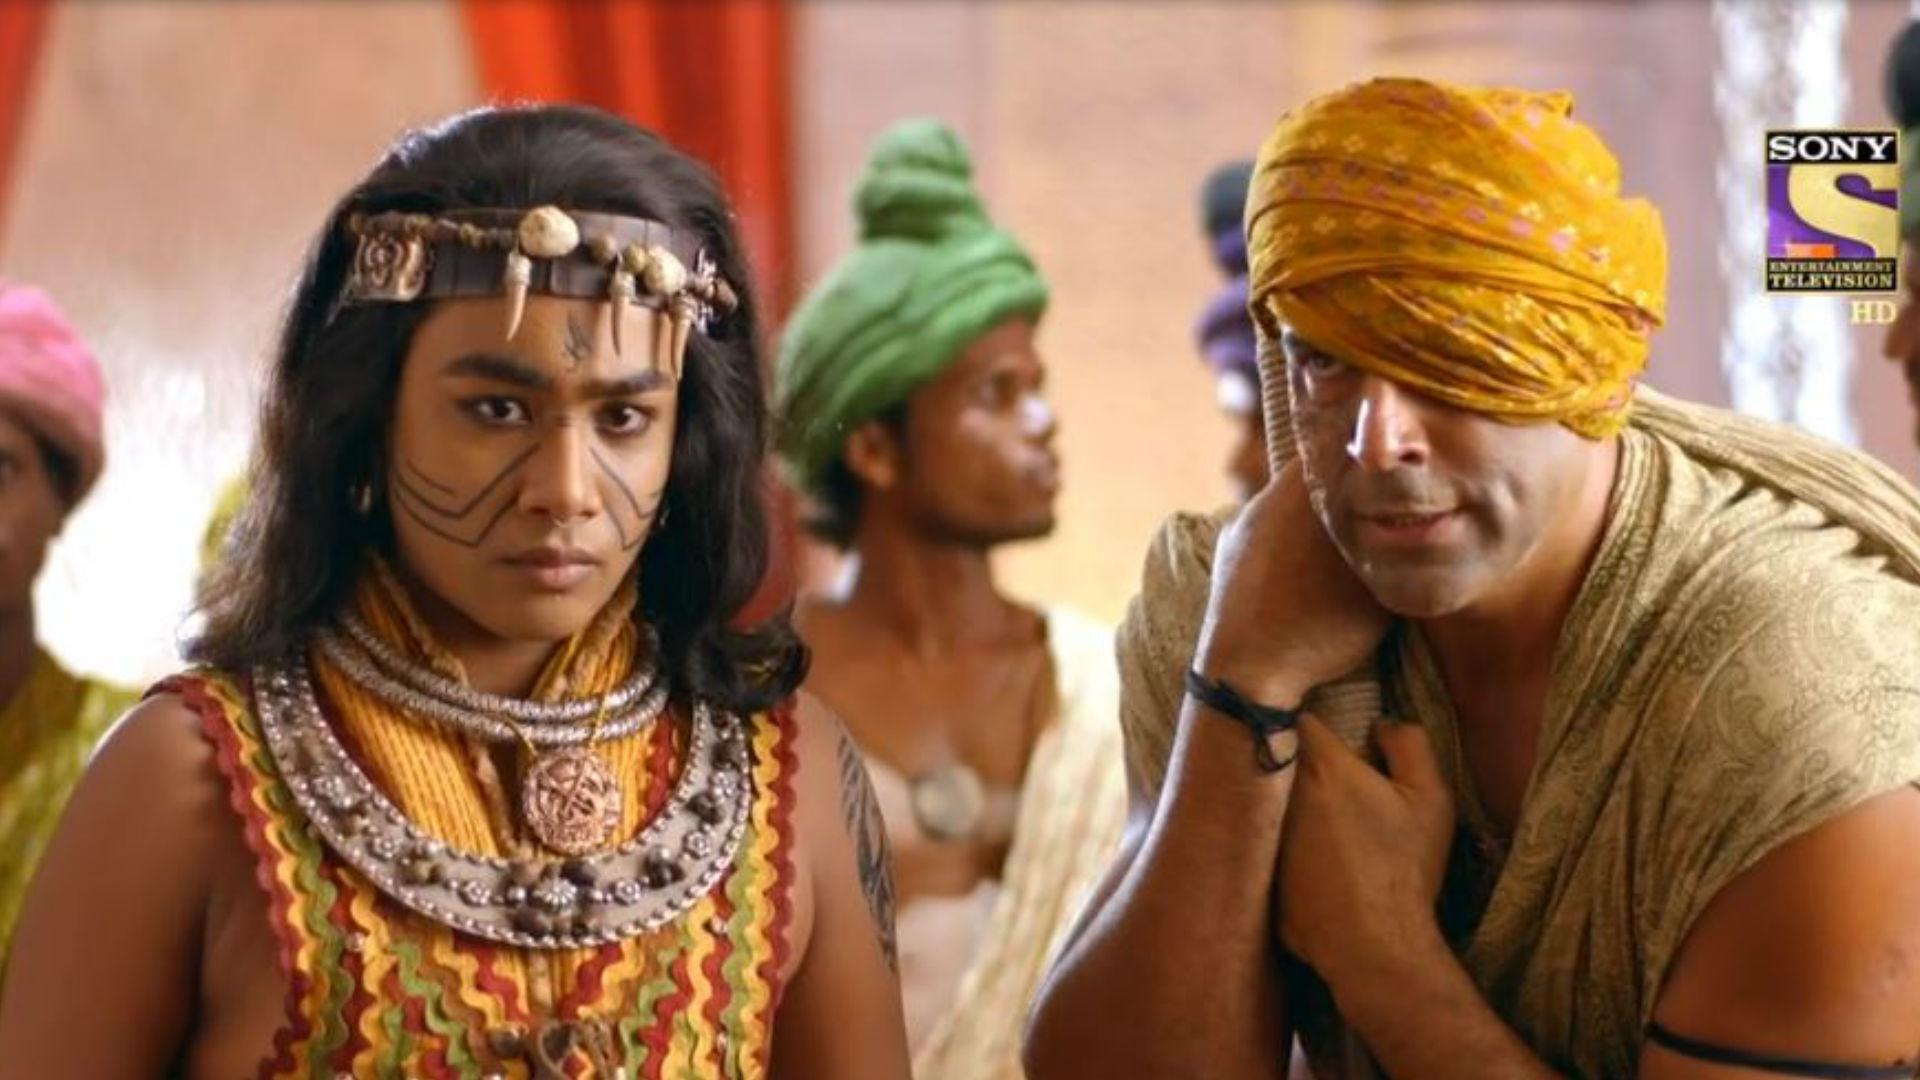 एक्सक्लूसिव: चंद्रगुप्त मौर्य में आएगा ये बड़ा ट्विस्ट, दुर्गा पूजा के दौरान इस अहम किरदार की जा सकती है जान